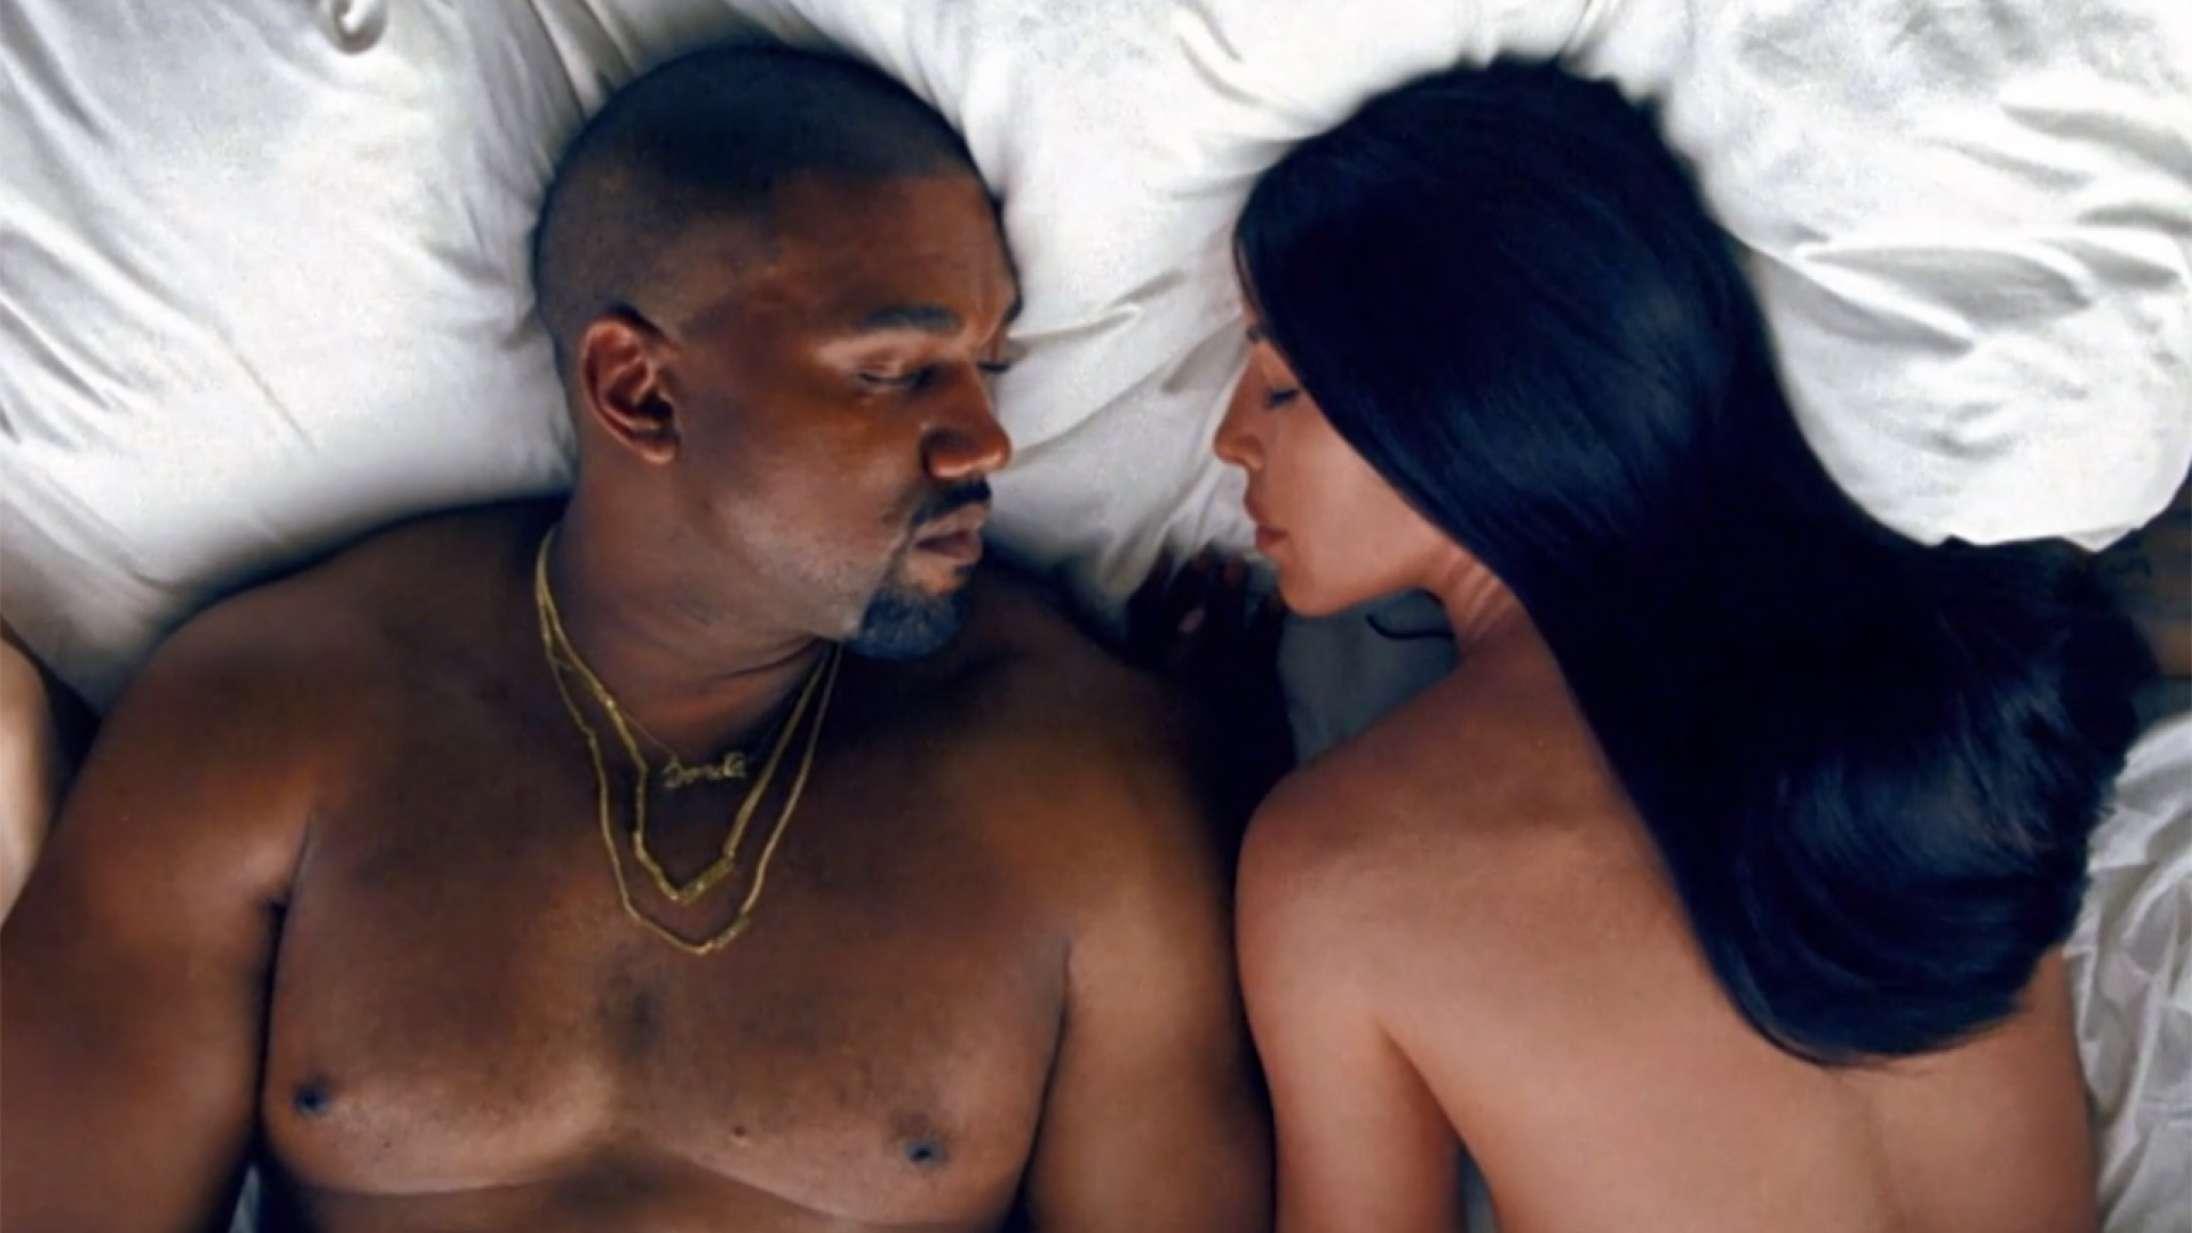 De kontroversielle musikvideoer: Var Kanye Wests 'Famous' glorificeret hævnporno?